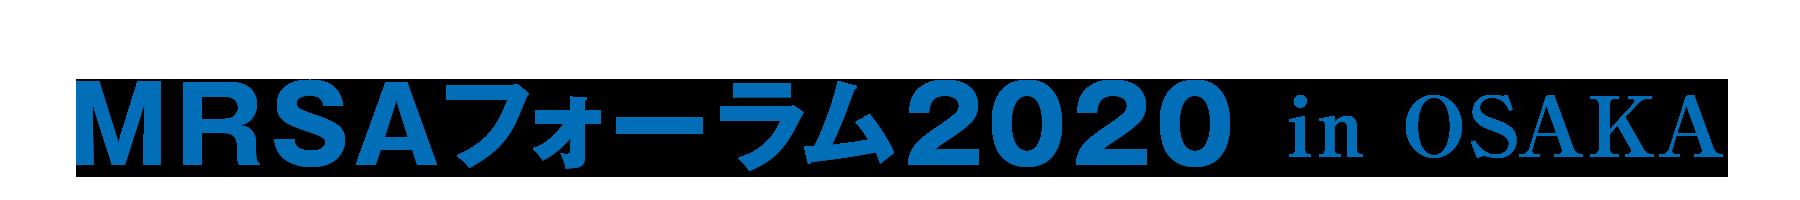 MRSAフォーラム2020